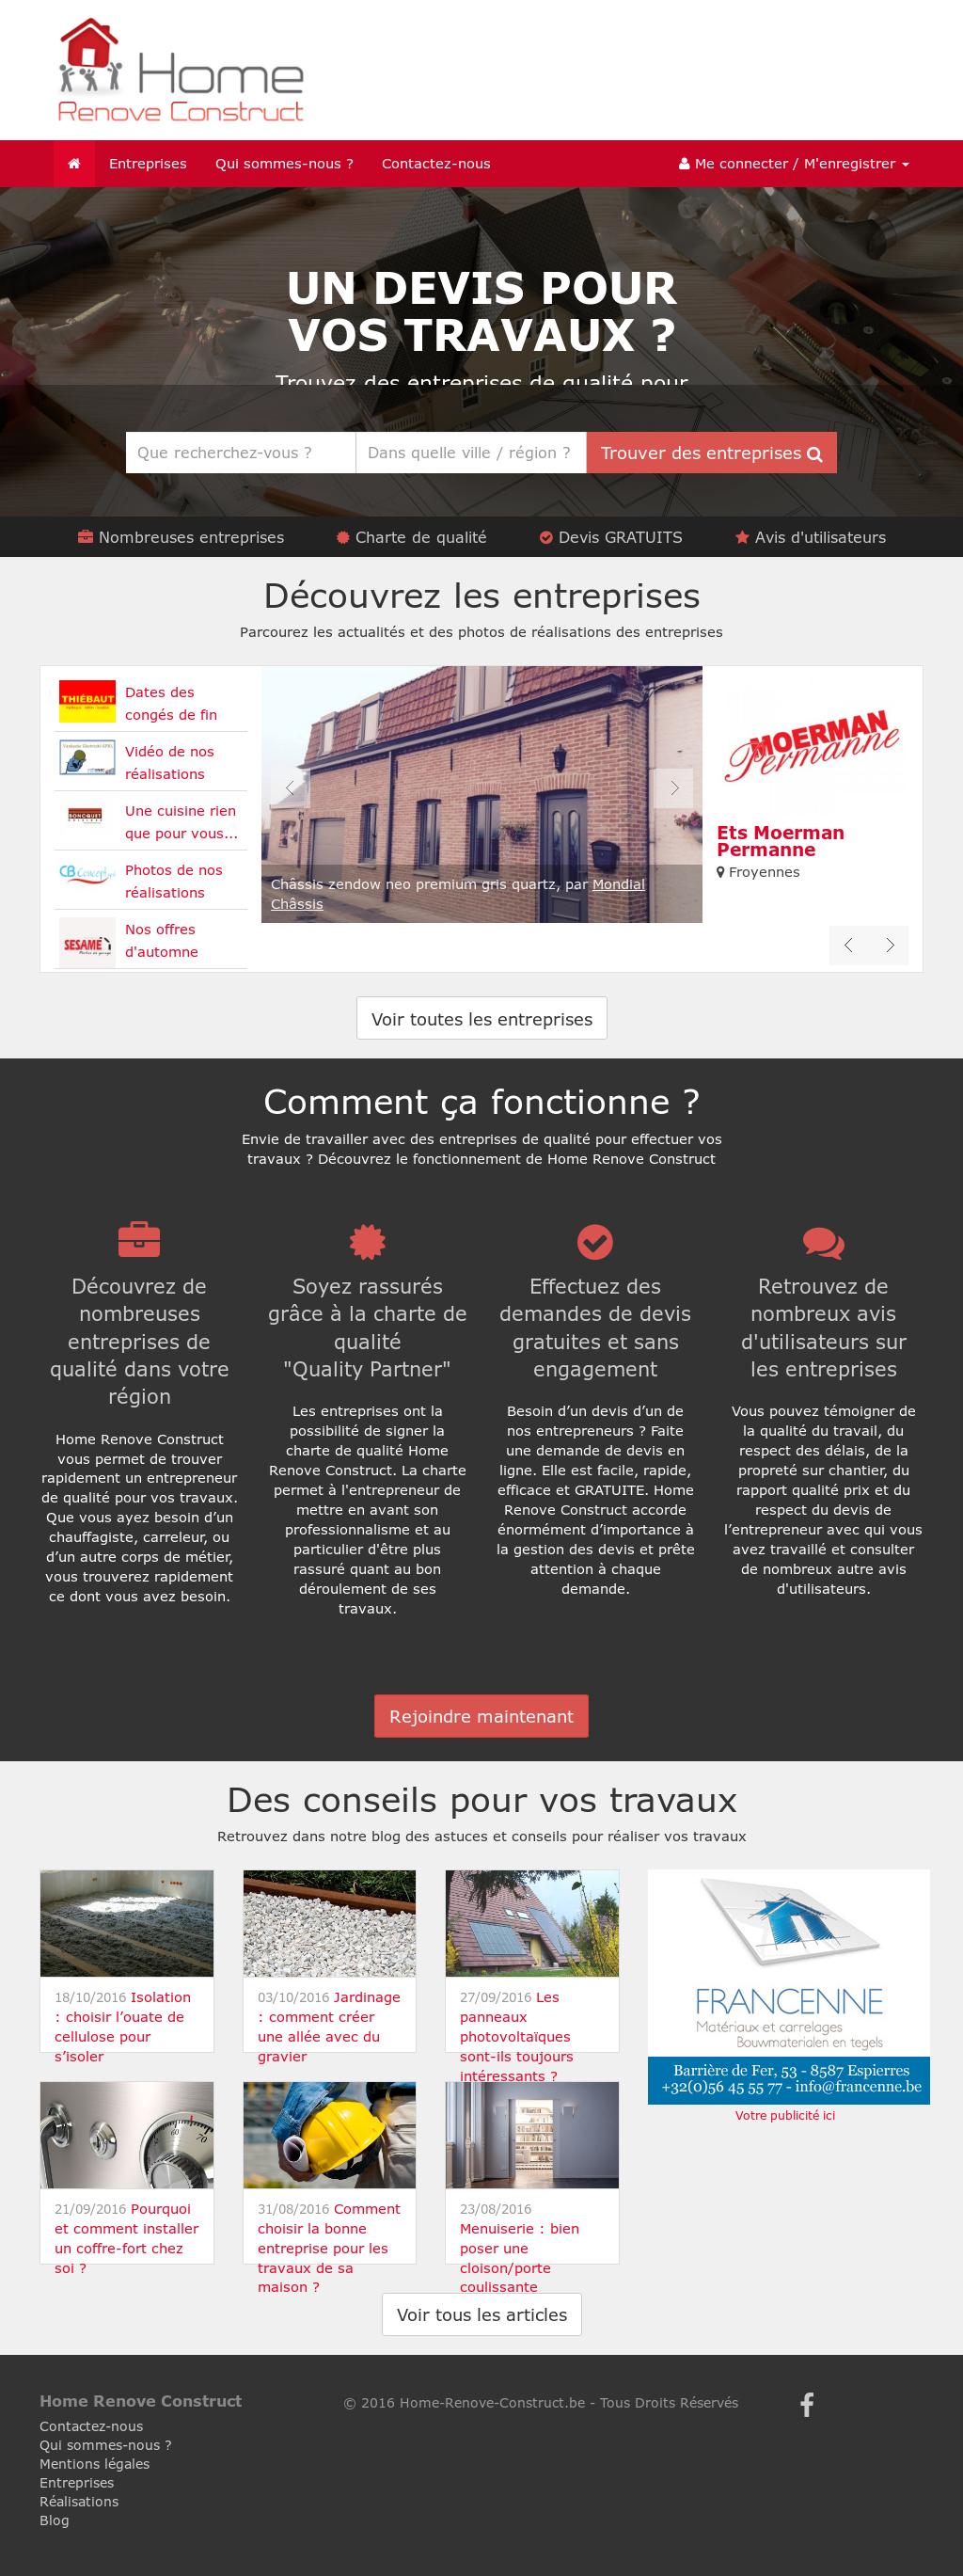 Maison Des Travaux Avis home renove construct competitors, revenue and employees